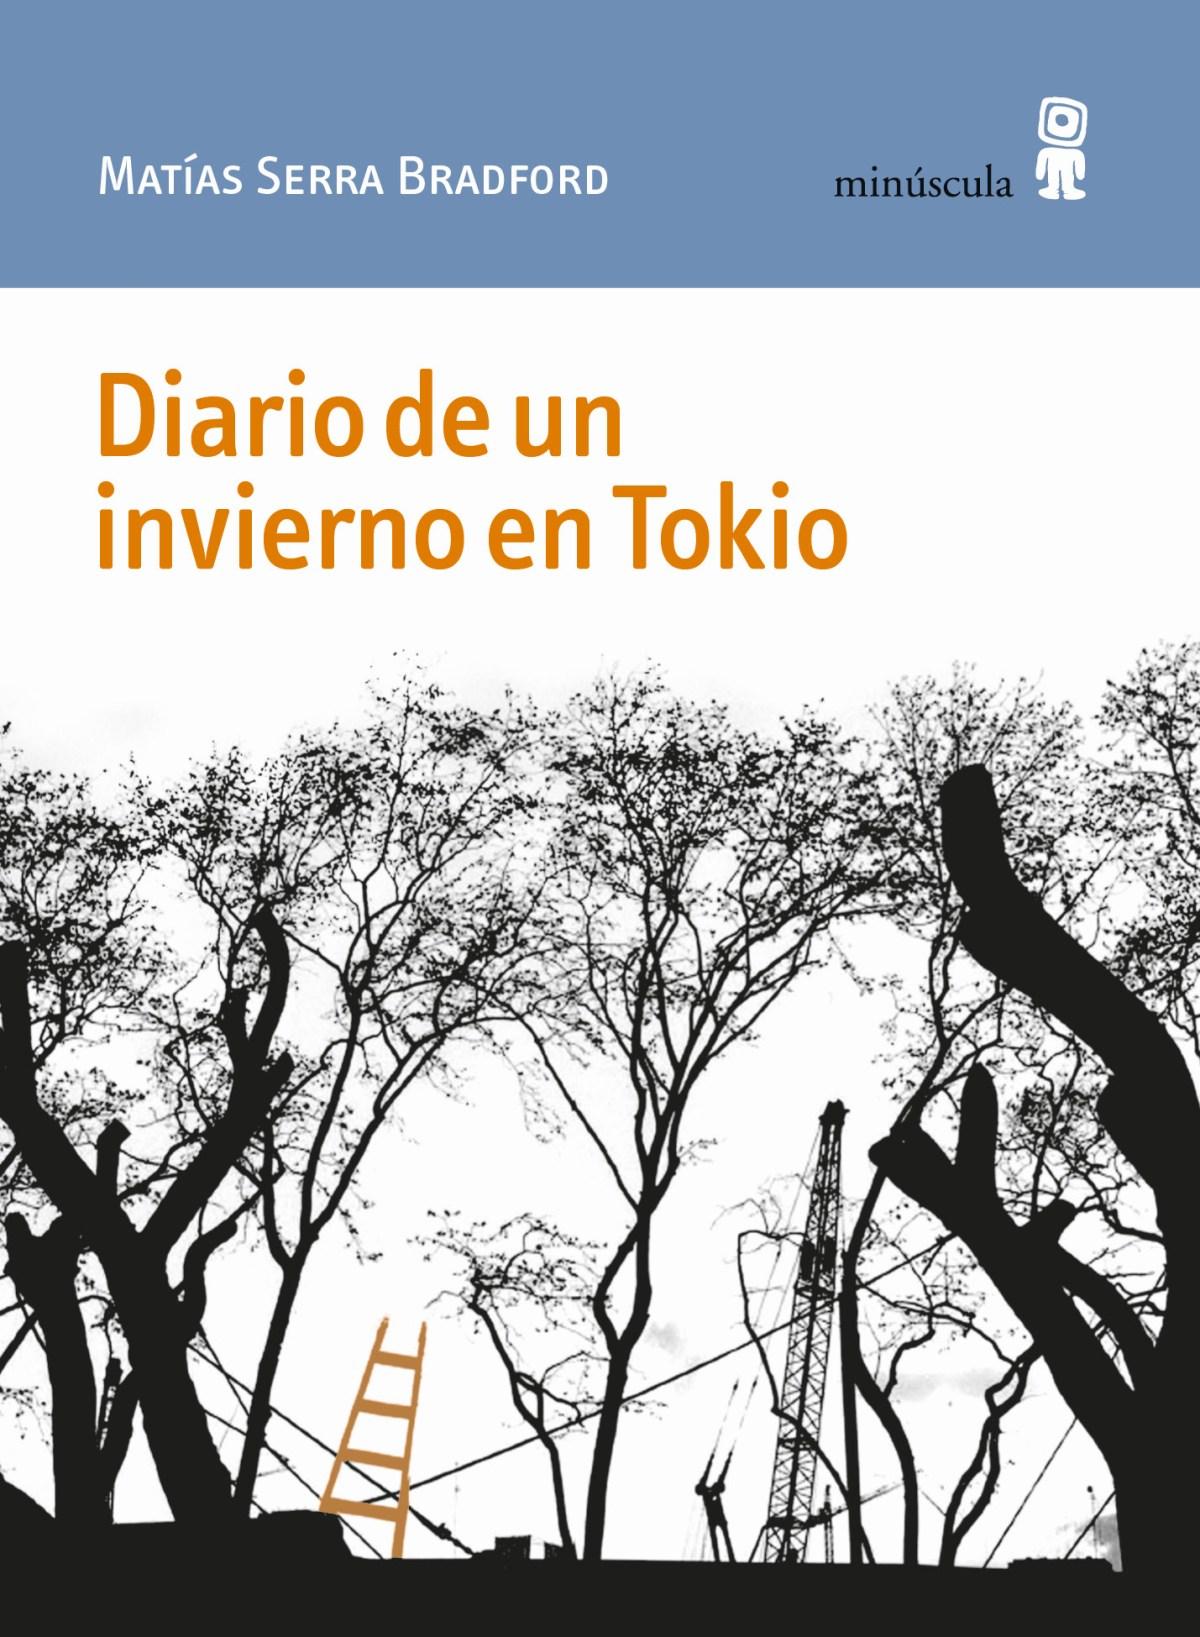 Conversación entre Matías Serra Bradford y Gonzalo Maier sobre «Diario de un invierno en Tokio»